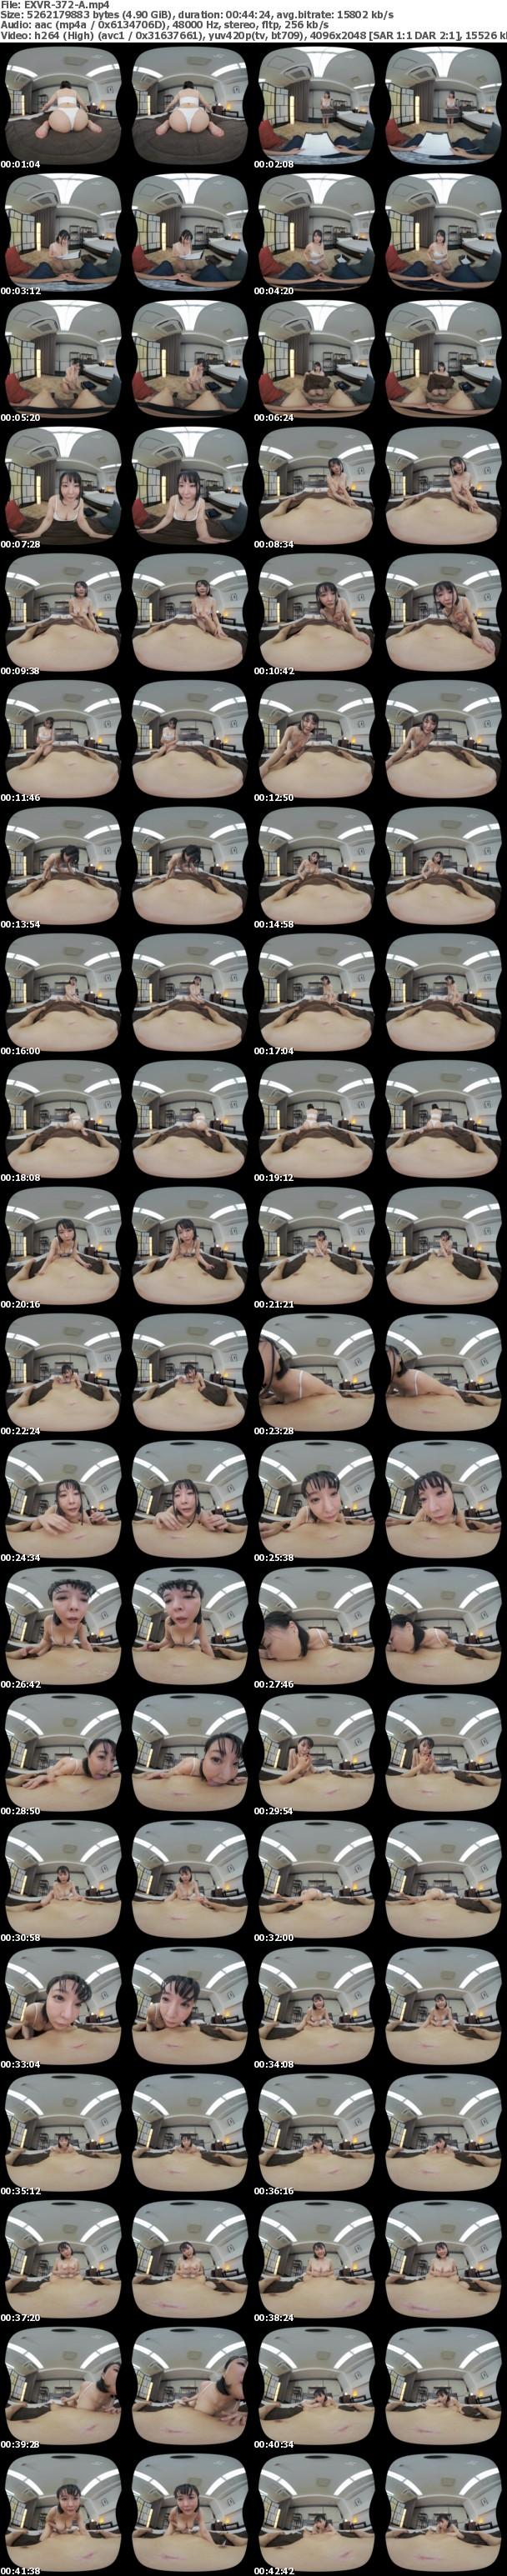 (VR) EXVR-372 爆乳Iカップ極上ボディーでタップリご奉仕!超高級マッサージ店の中出しスペシャルフルコース 羽生ありさ